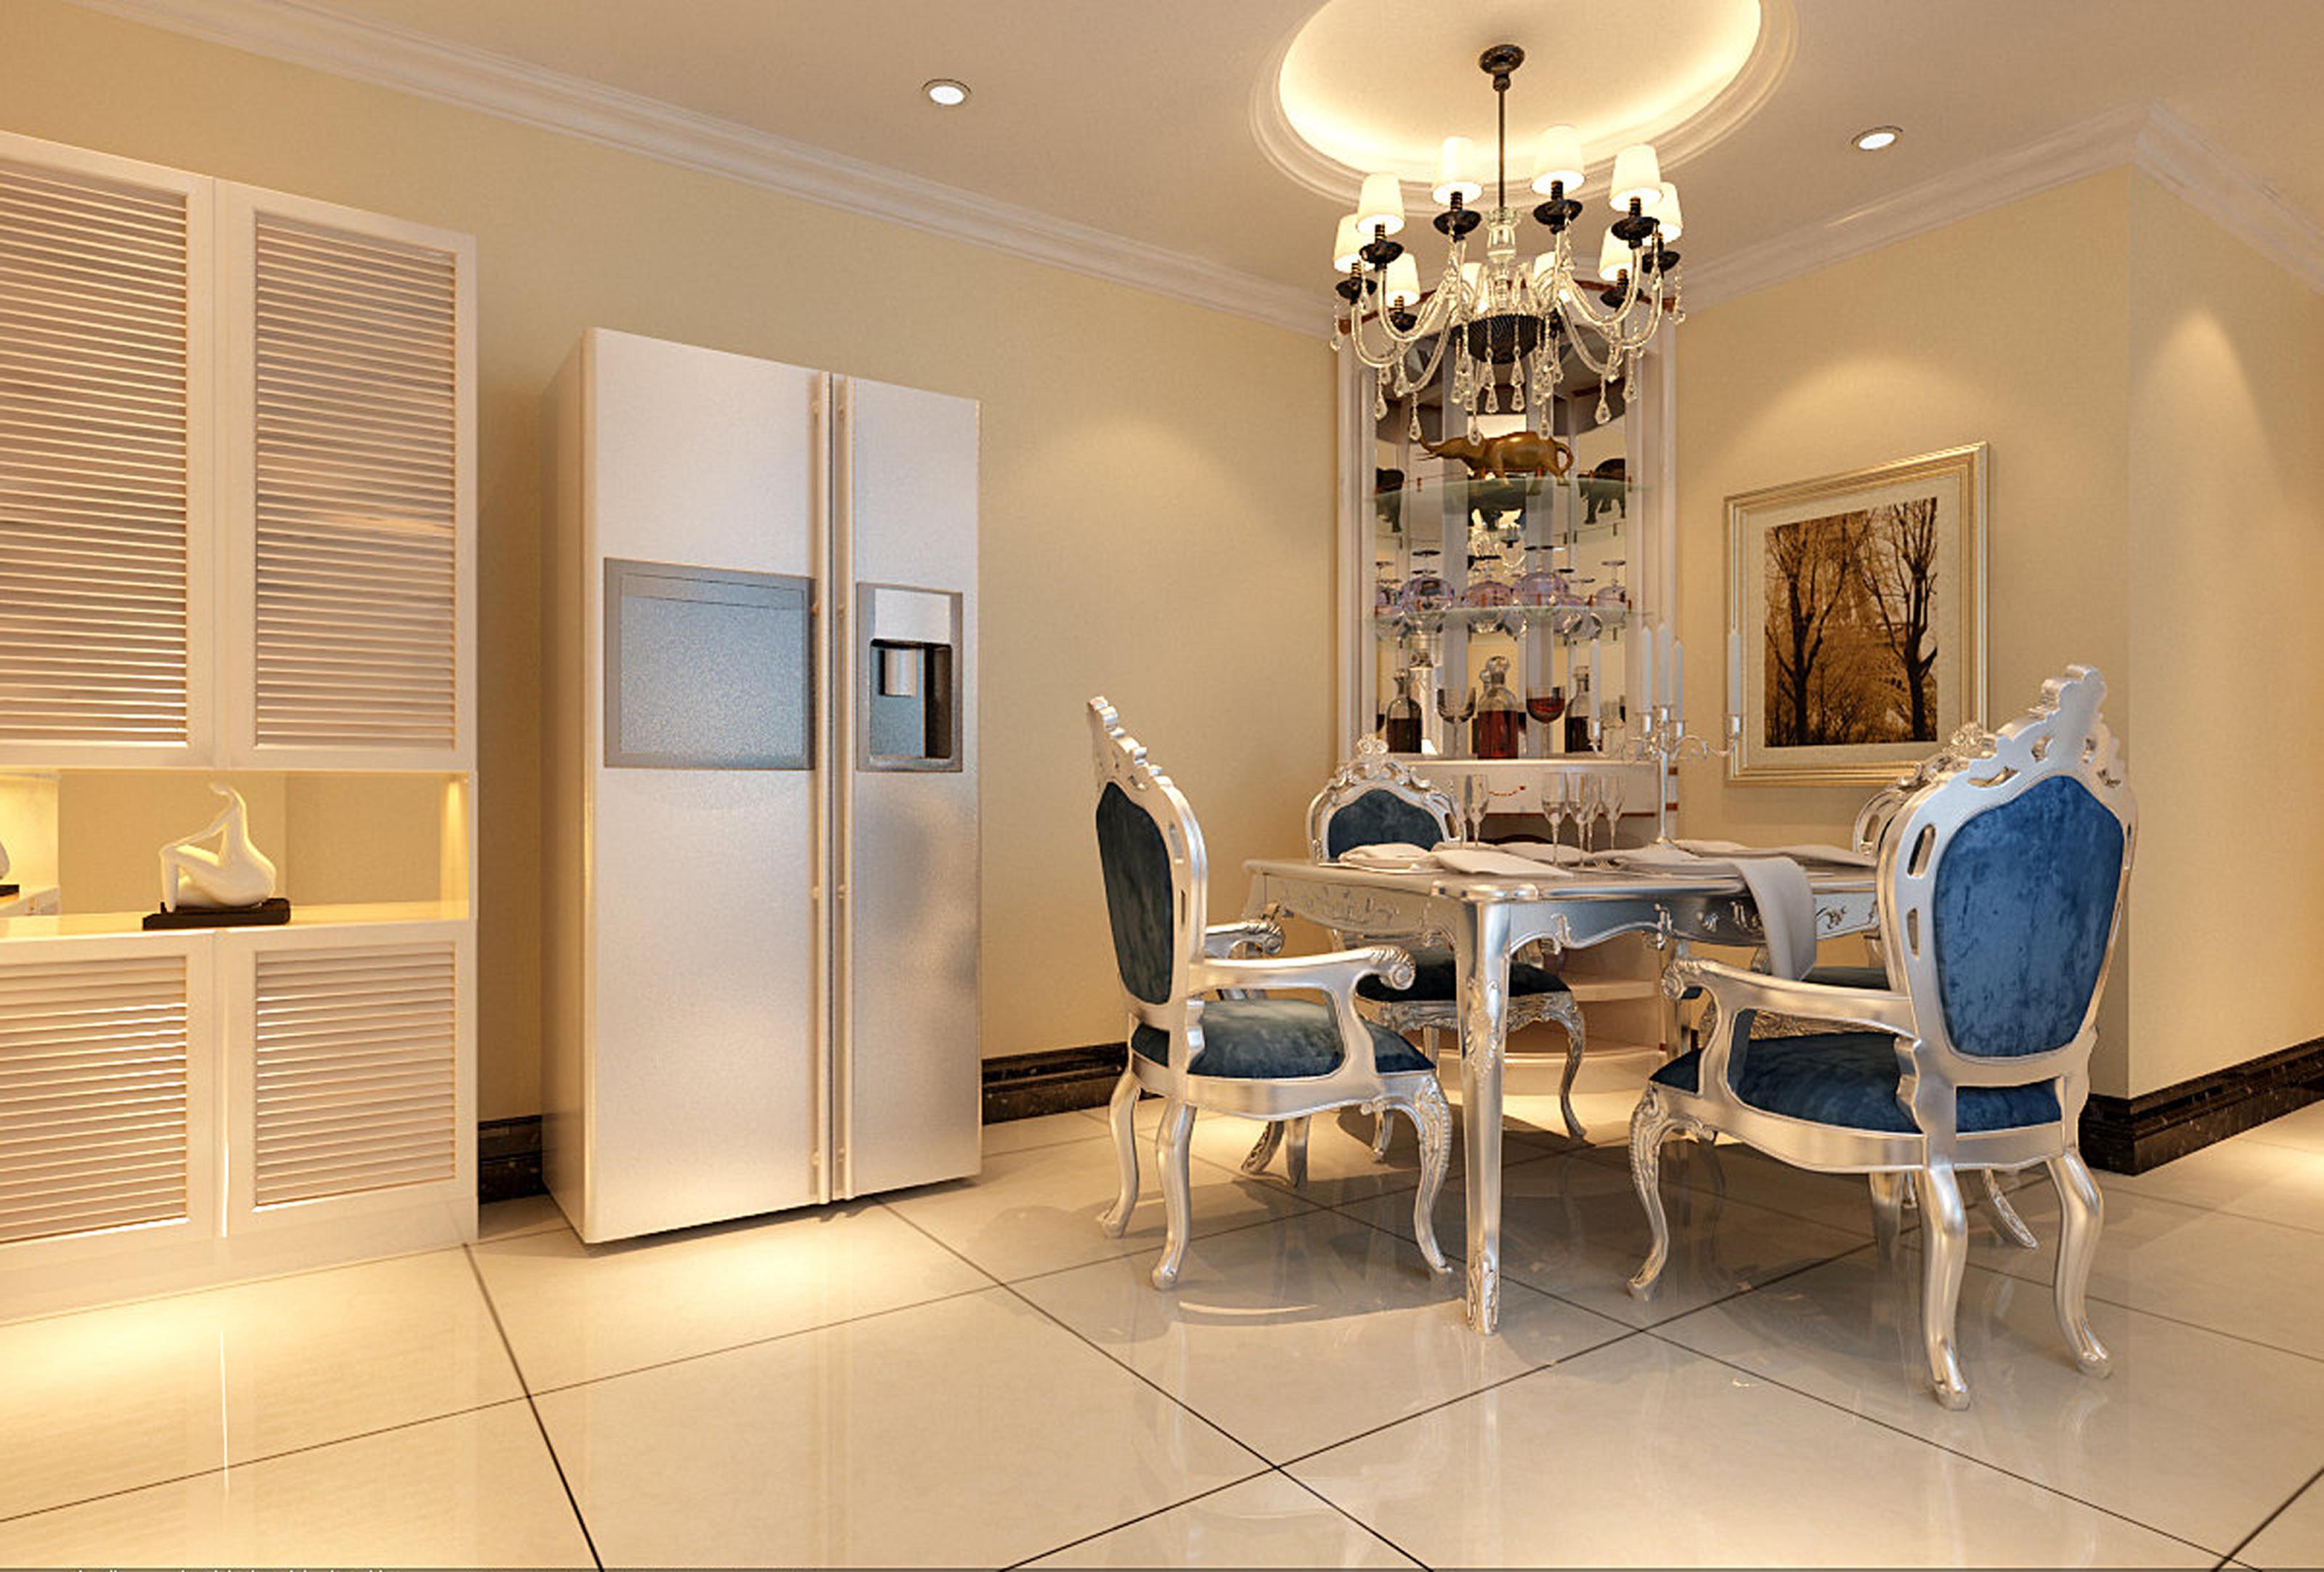 项目名称:保利花园 所在城市:北京海淀 装修风格:新古典欧式 总造价:125600元 户型:3室2厅1卫1厨 面积:130 实创装饰24小时热线:010-56203603、QQ:1659837077 业主背景和需求:本案是一套三居室,客户是自己开公司,基于职业的关系,对于家居空间的整体感觉和客户的要求:尽量简洁、实用而且要暖色调,但必须体现家庭气质,色彩上要避免跳跃、平稳温和的感觉为主线。